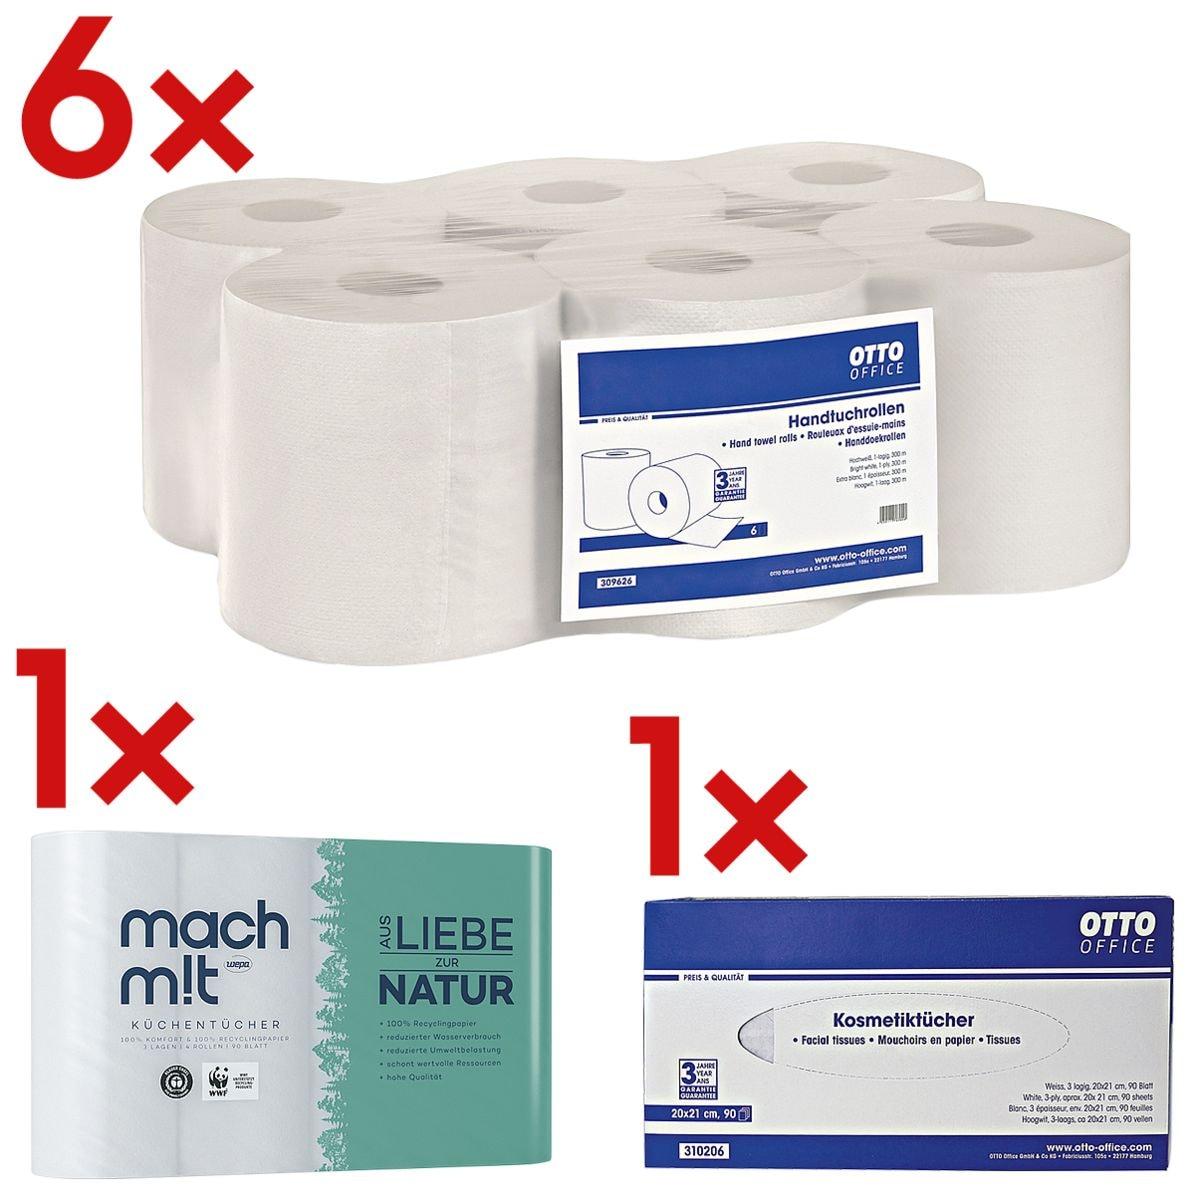 6x rolhanddoekjes OTTO Office, 1-laags, wit, 19 cm x 300 m van gerecycleerd papier, afrollen van binnenuit/buitenaf incl. Keukenrollen 3-laags, 4 rollen+Doos met tissues, 90 stuks